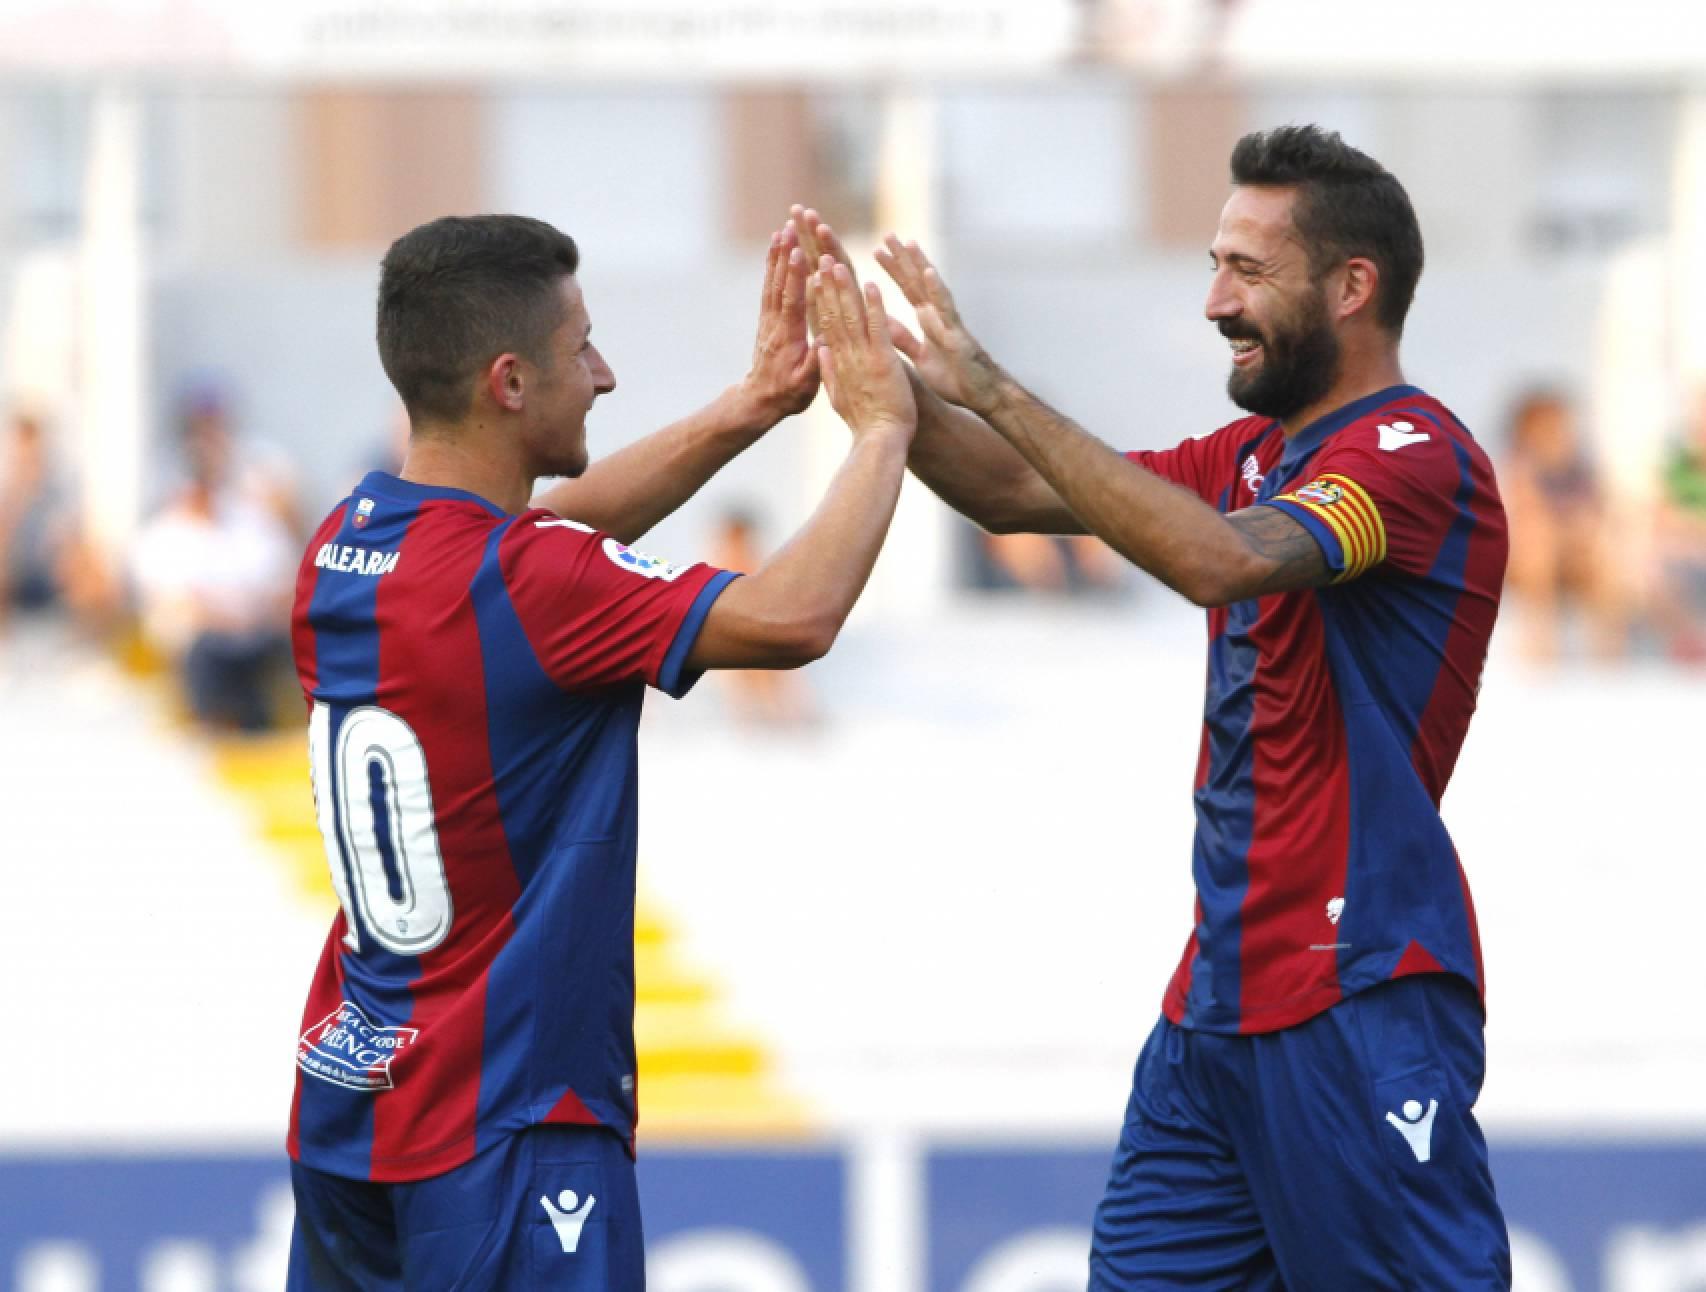 LEVANTE UD| Relación de dorsales de la plantilla para esta temporada